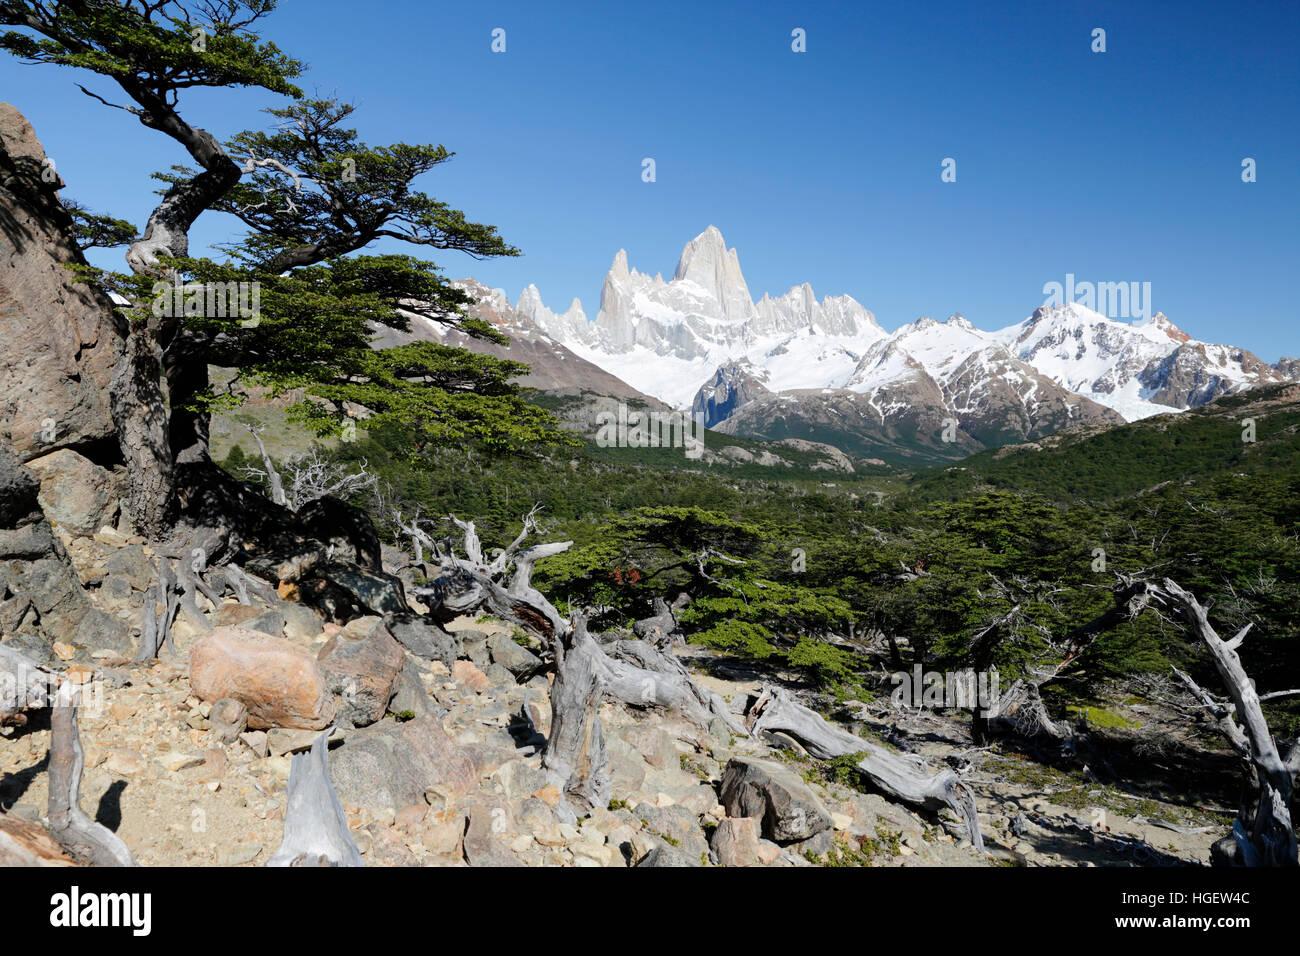 Vista del Monte Fitz Roy en la Laguna de Los Tres trail, El Chalten, Patagonia Argentina, Sudamérica Foto de stock